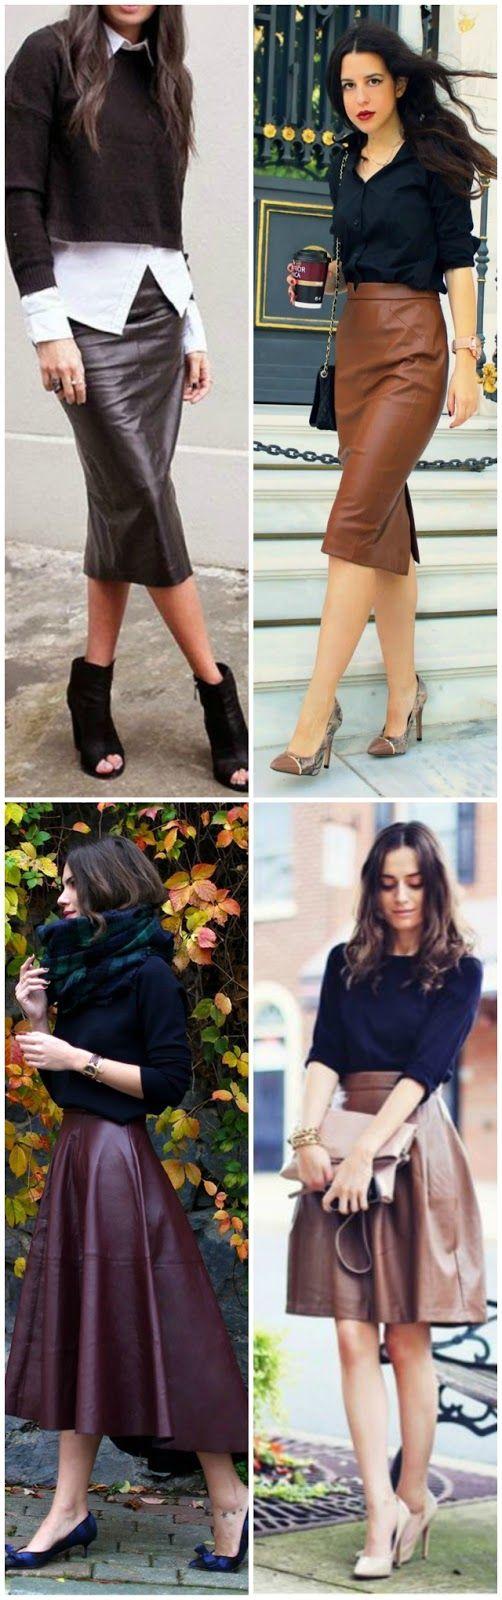 FEMINA - Modéstia e elegância: Mais saias de couro